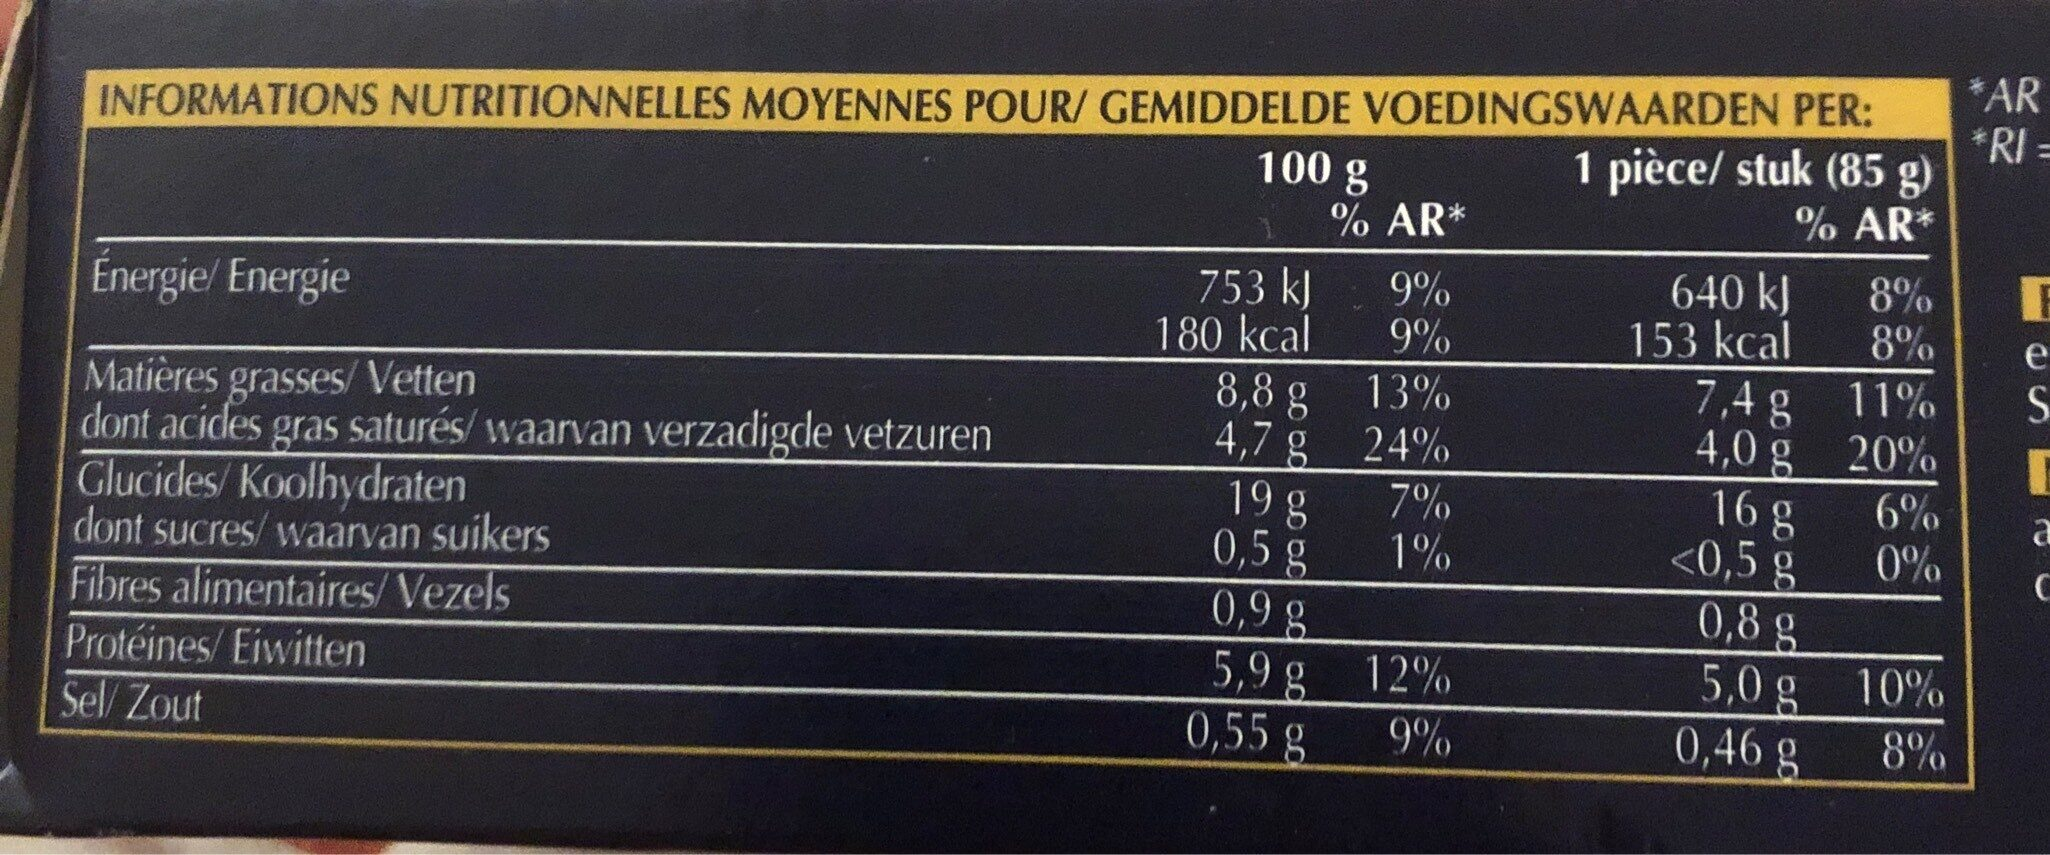 Lingot riz et asperges vertes - Informations nutritionnelles - fr